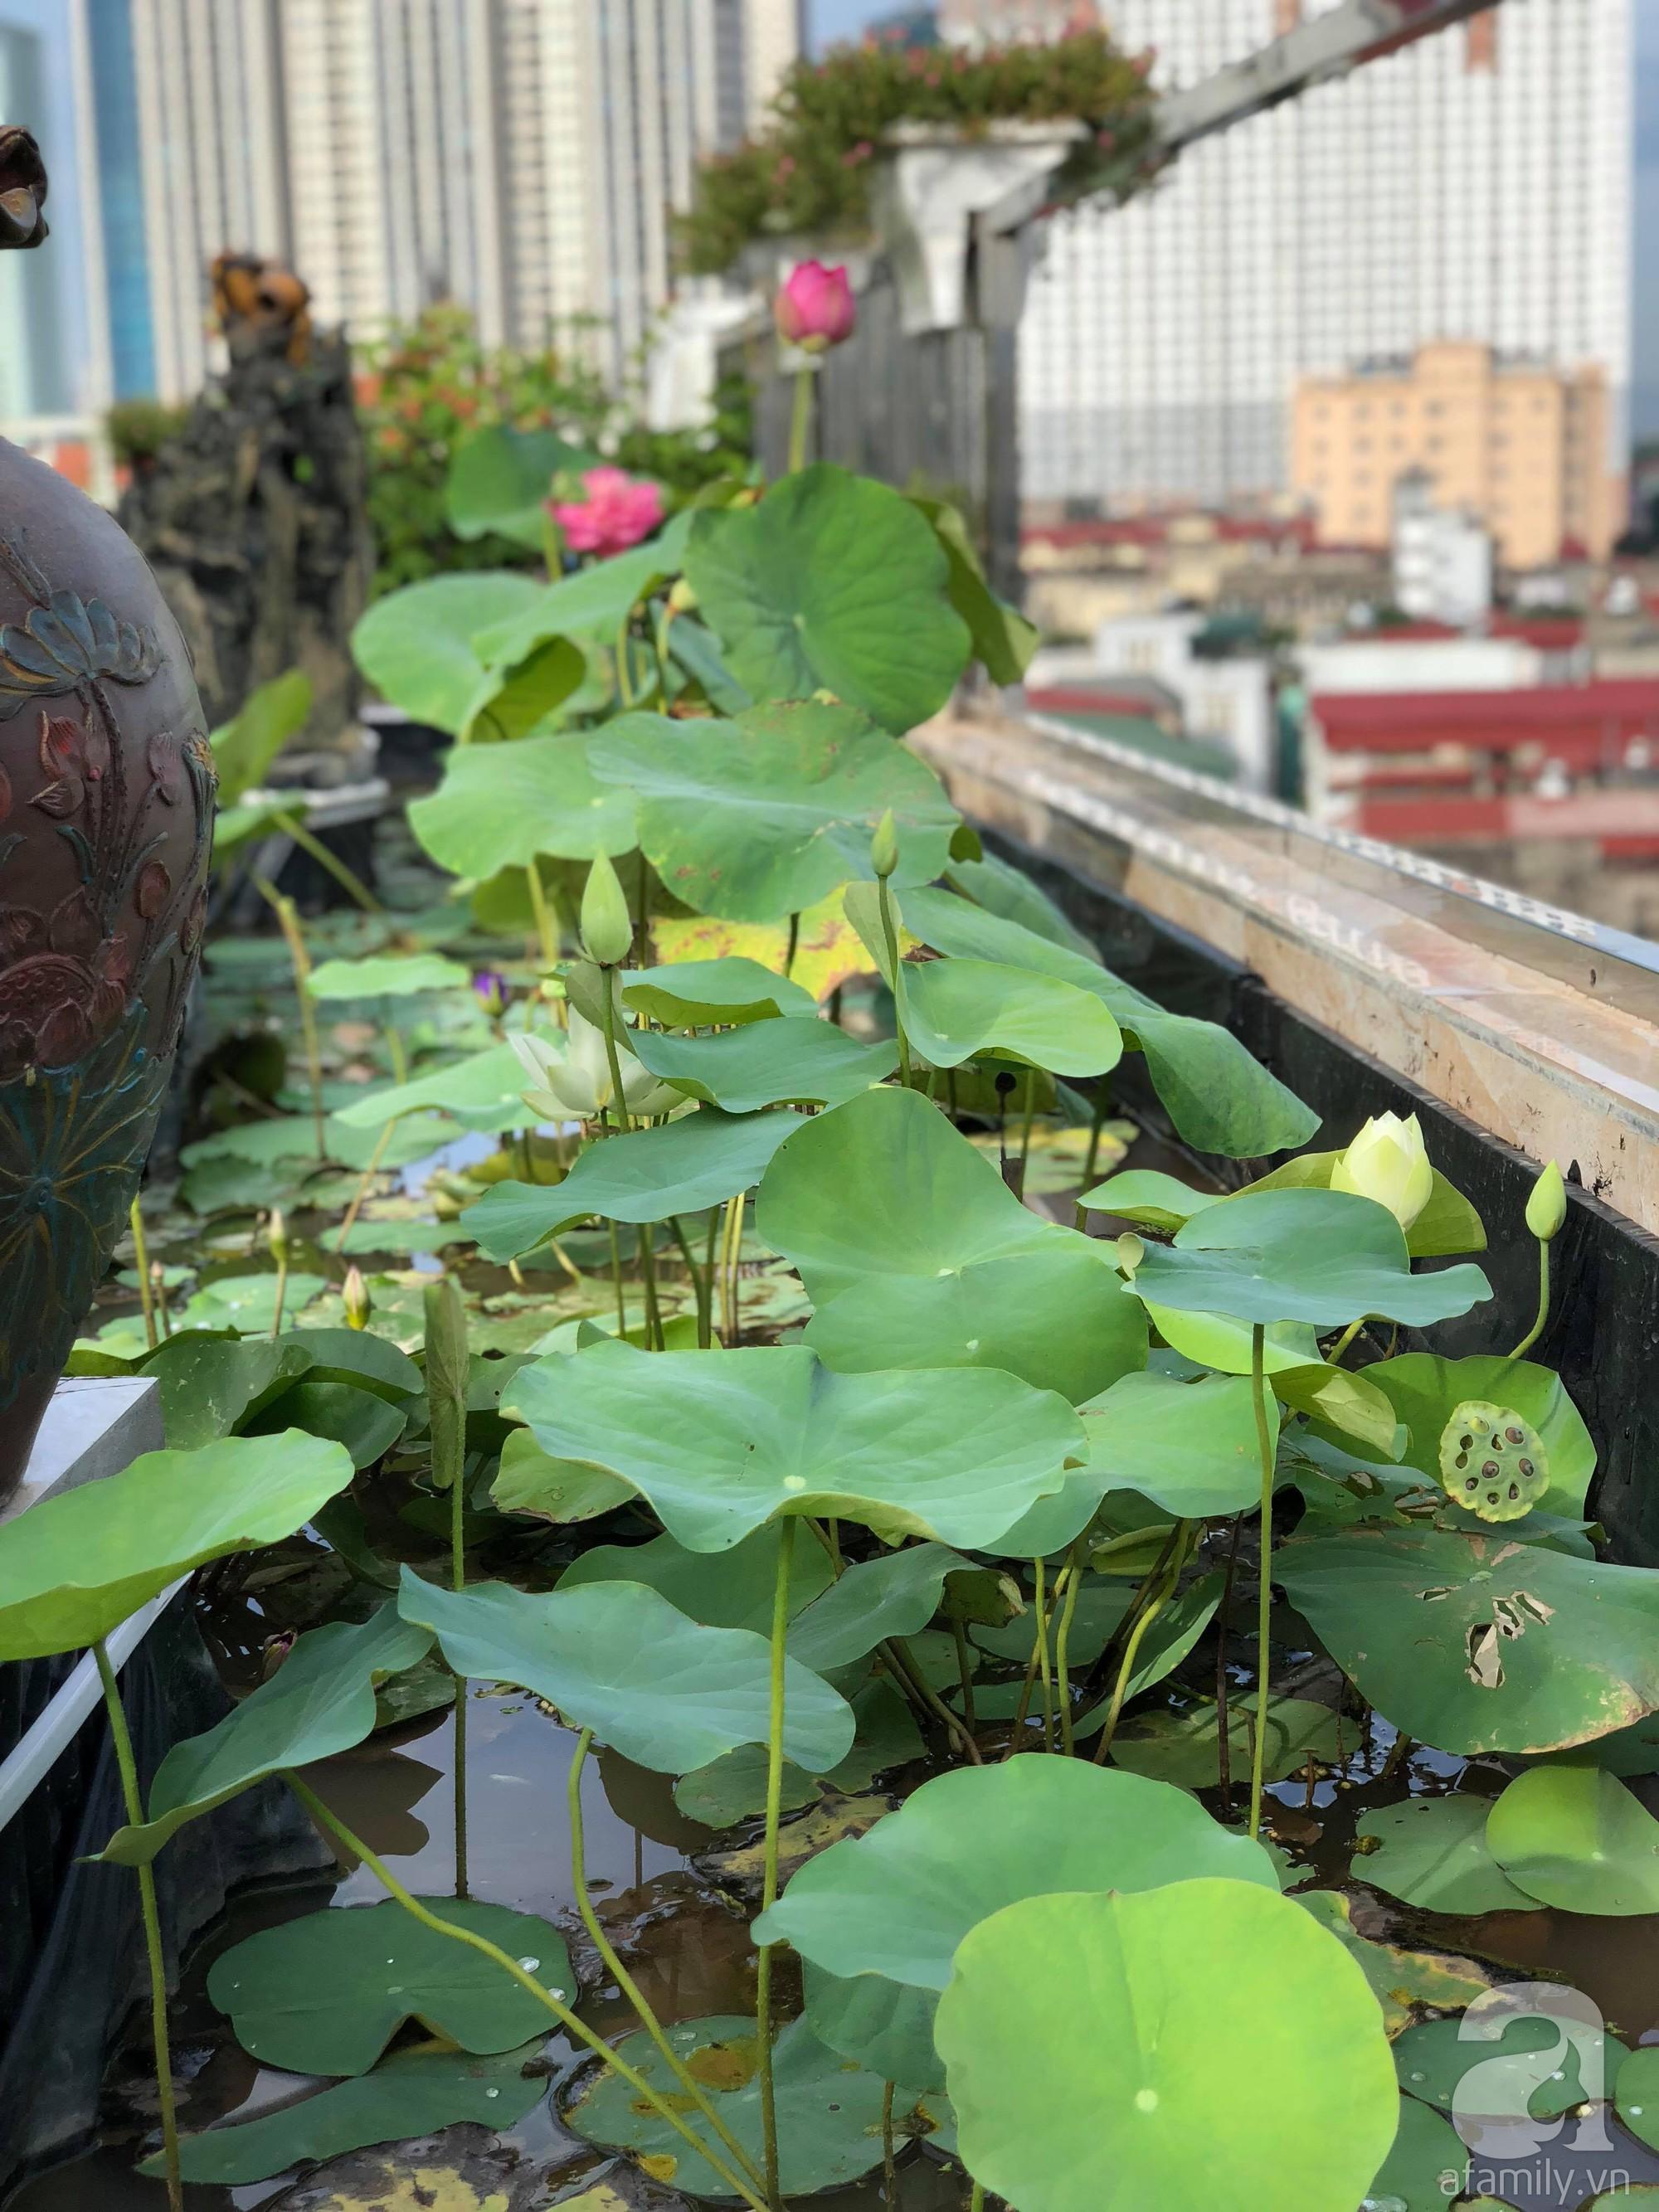 Khu vườn trên sân thượng rộng 200m² đẹp ngỡ ngàng với trăm loài hoa đua nhau khoe sắc ở Hà Nội - 25